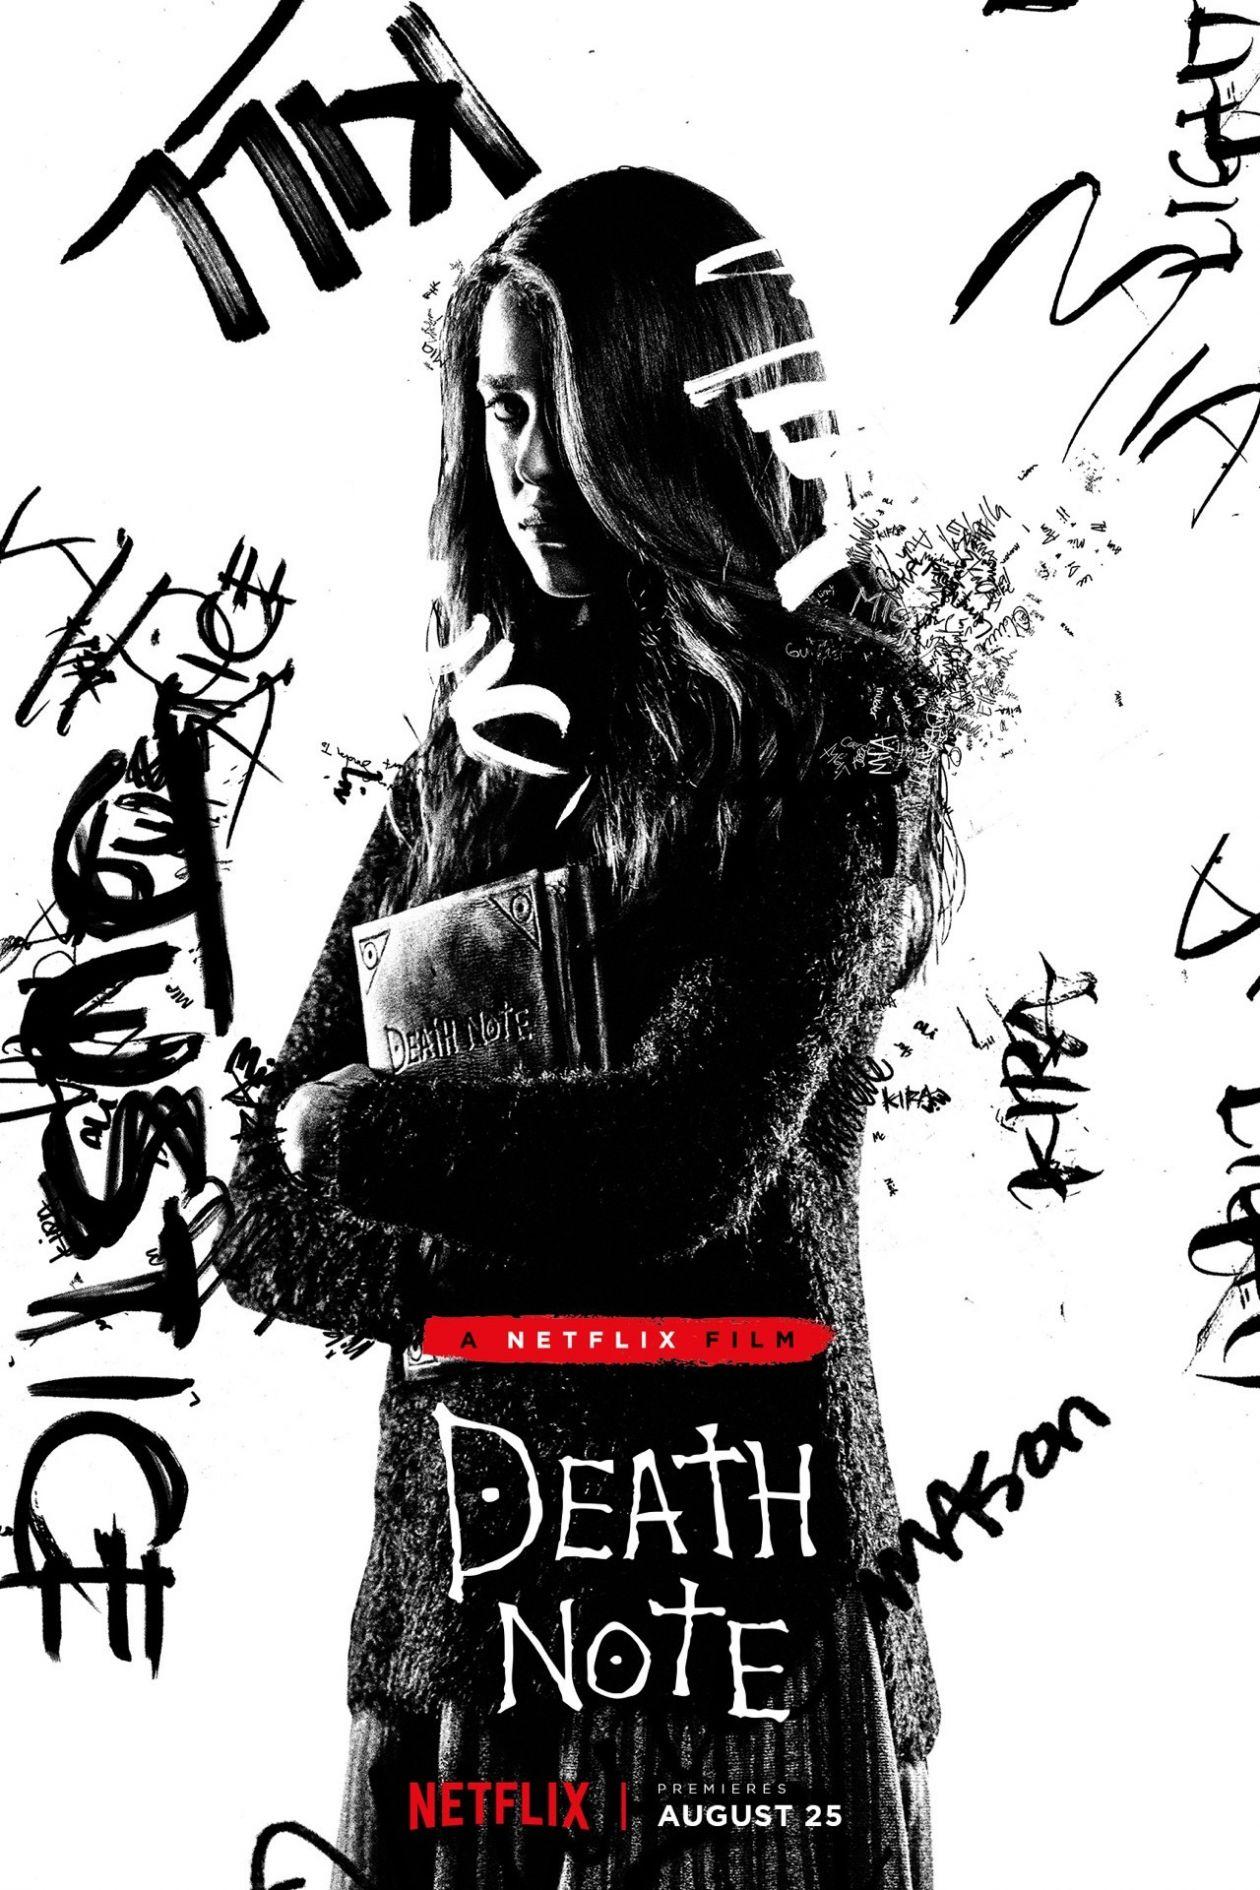 Margaret Qualley actress | Death Note / Netflix 2017 Movie Poster / Affiche film